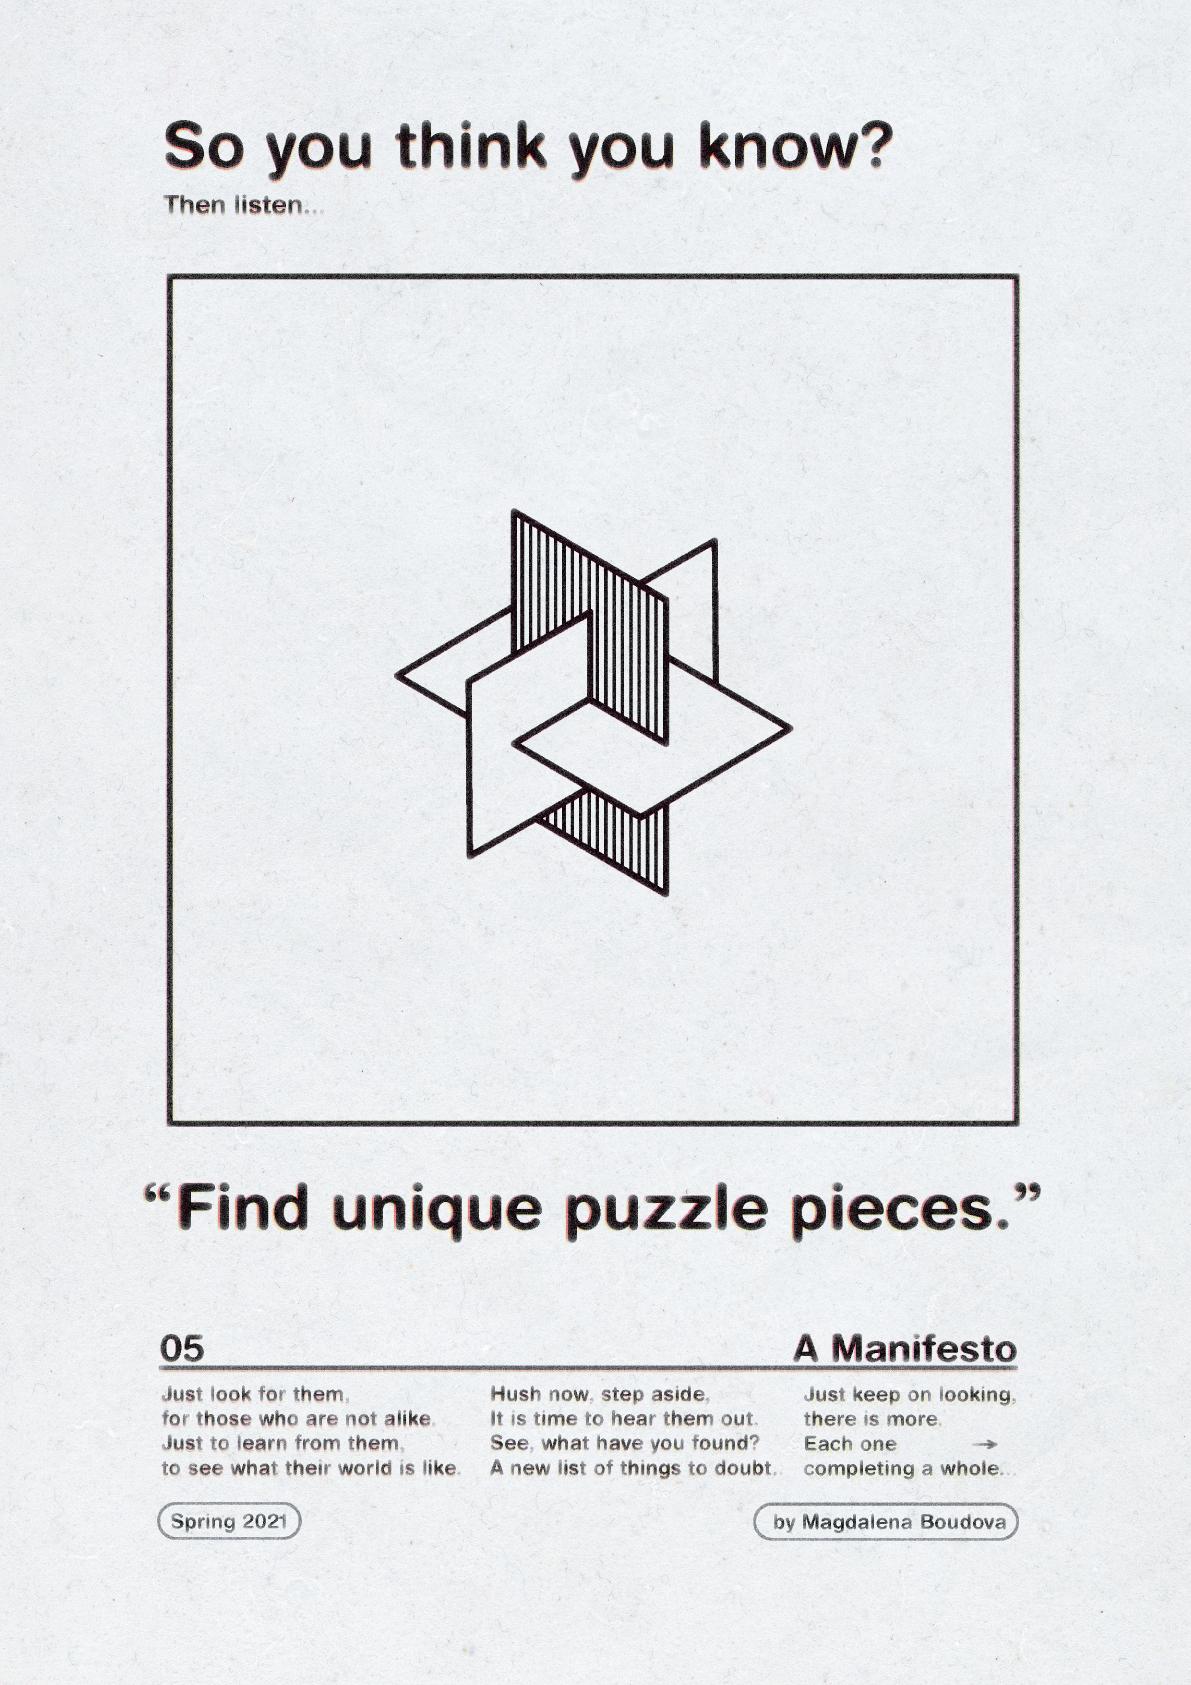 Find unique puzzle pieces.